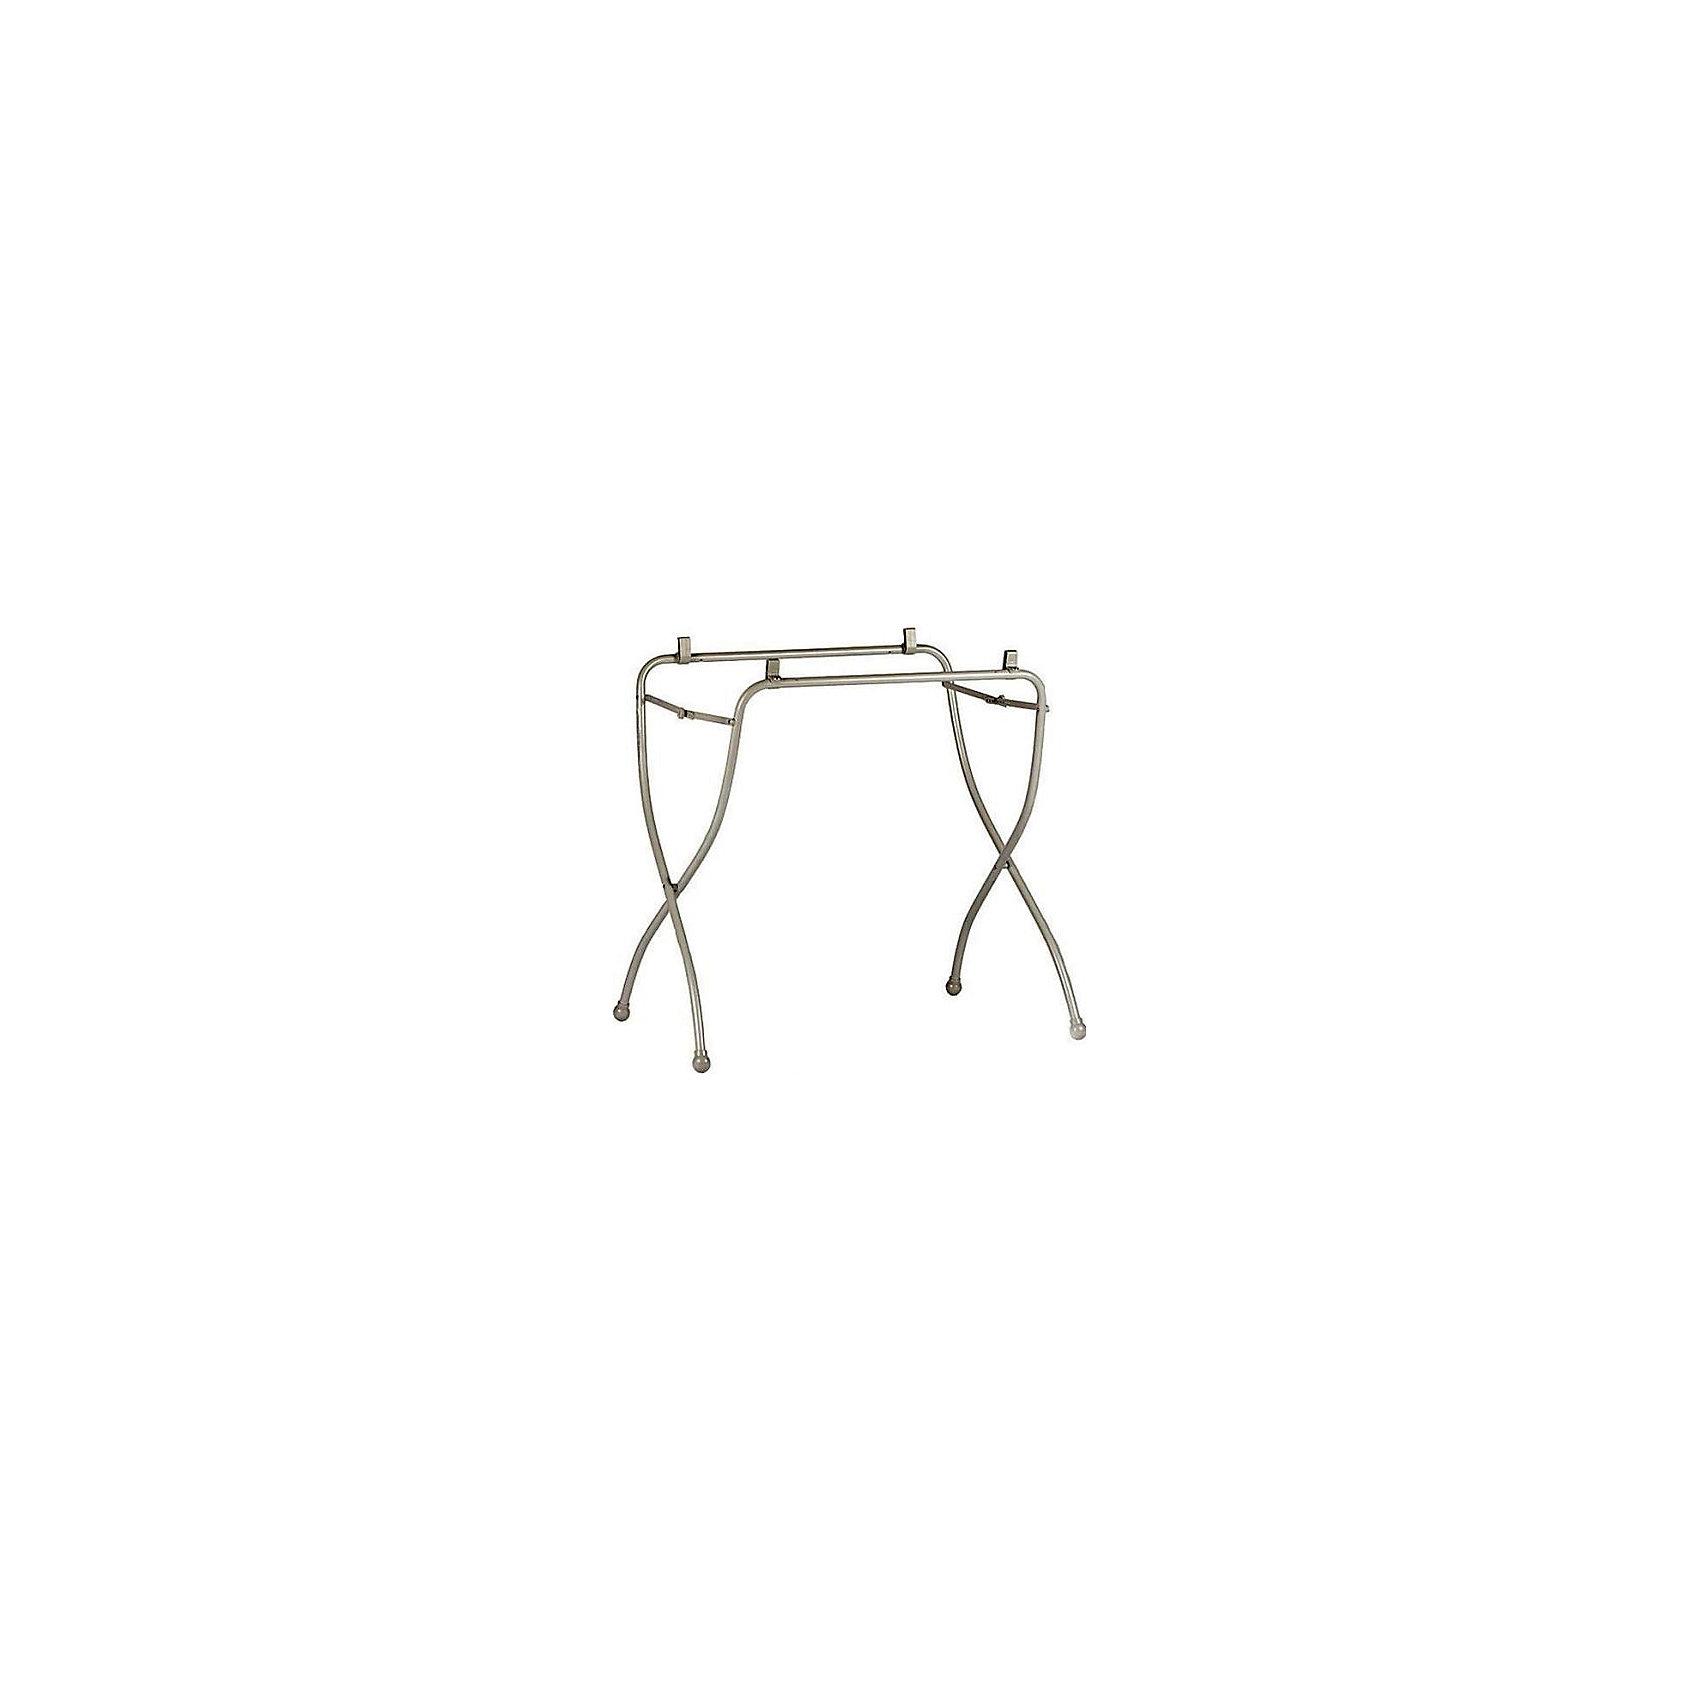 Подставка для ванночки Stand Universale, CAMПрочие аксессуары<br>Стальная подставка от известного итальянского бренда CAM подходит для ванночек различных размеров. Легкая, компактная модель, с которой подготовка к купанию малыша не займет много времени. Возможность регулировки ширины самой конструкции и ножек делает подставку действительно универсальной.<br><br>Дополнительная информация:<br><br>- Материал: сталь.<br>- Размер в разобранном виде: 91х39х75 см.<br>- Размер в собранном виде: 91х20х97 см.<br>- Регулировка высота ножек.<br>- Регулировка по ширине.<br>- Быстро складывается, занимает мало места в сложенном виде. <br><br>Подставку для ванночки Stand Universale, CAM можно купить в нашем магазине.<br><br>Ширина мм: 1047<br>Глубина мм: 247<br>Высота мм: 1005<br>Вес г: 3500<br>Возраст от месяцев: 0<br>Возраст до месяцев: 12<br>Пол: Унисекс<br>Возраст: Детский<br>SKU: 4443744